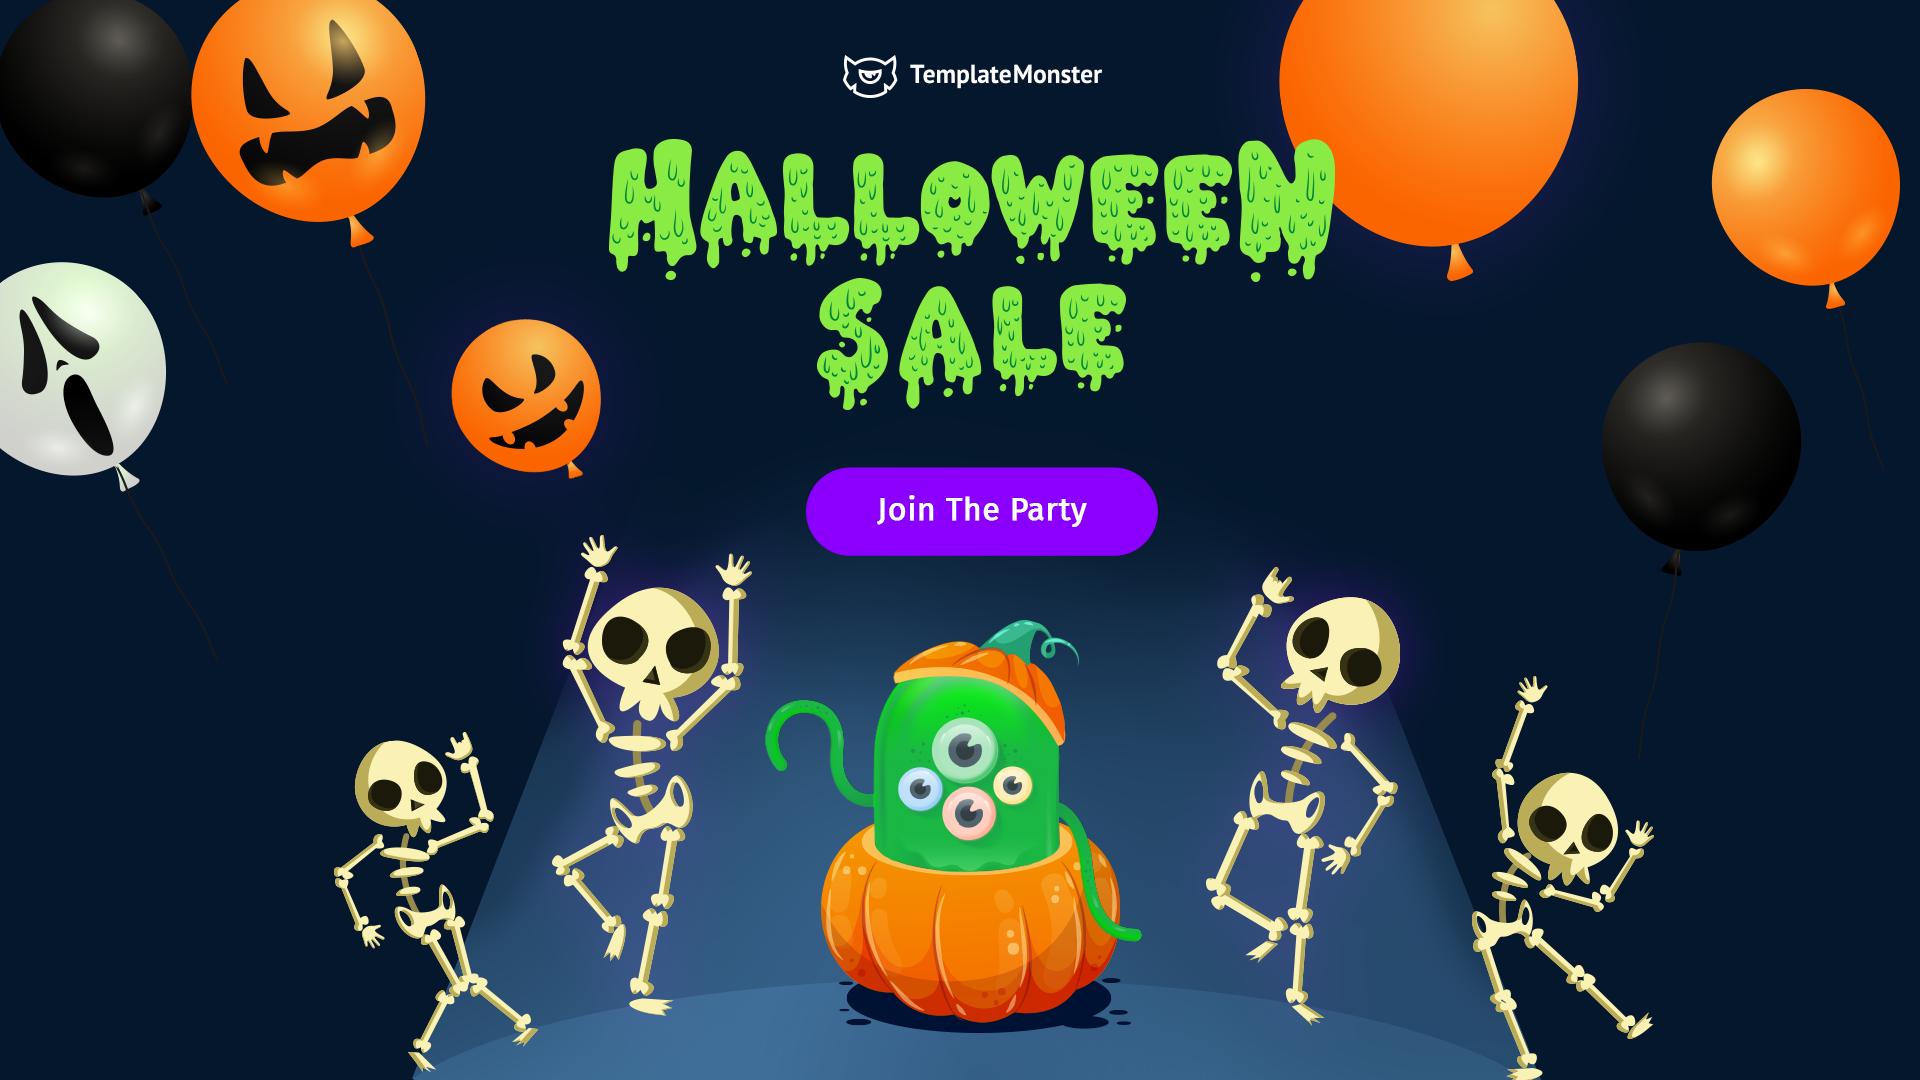 templatemonster halloween offer 1 - 25+ Best WordPress Deals and Discounts for Halloween 2019 (Upto 49% OFF)